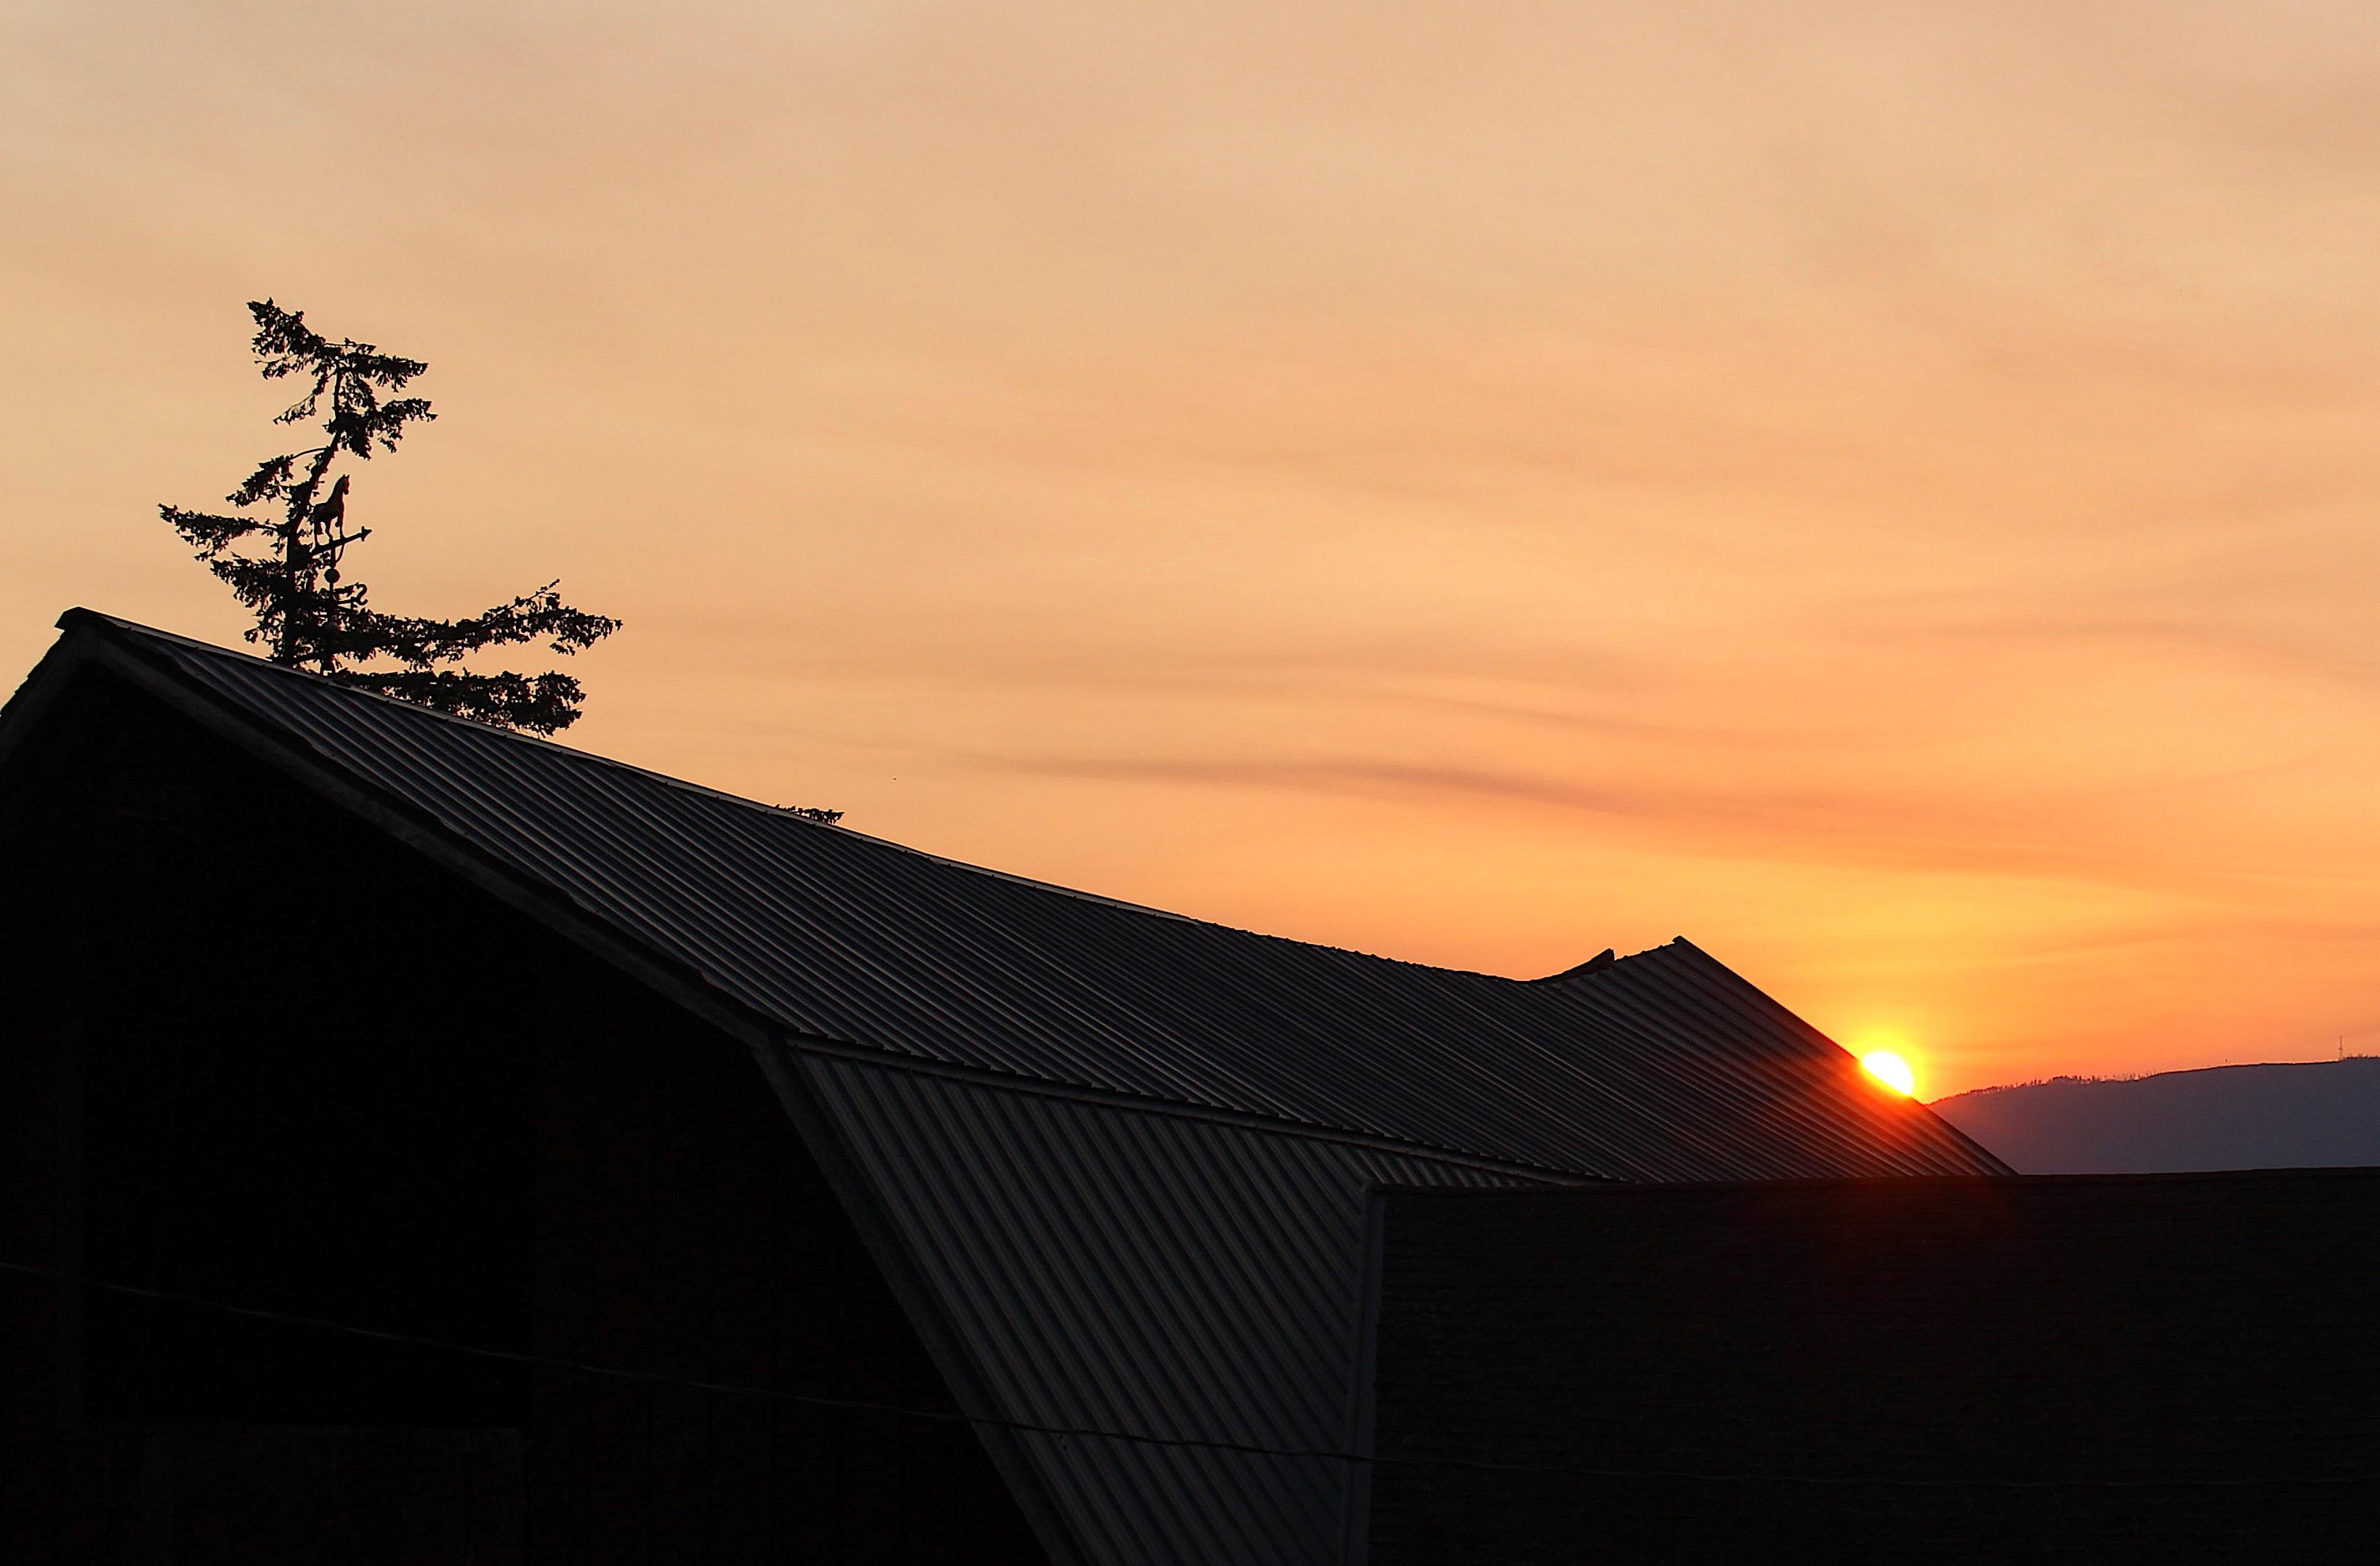 sunrise89181